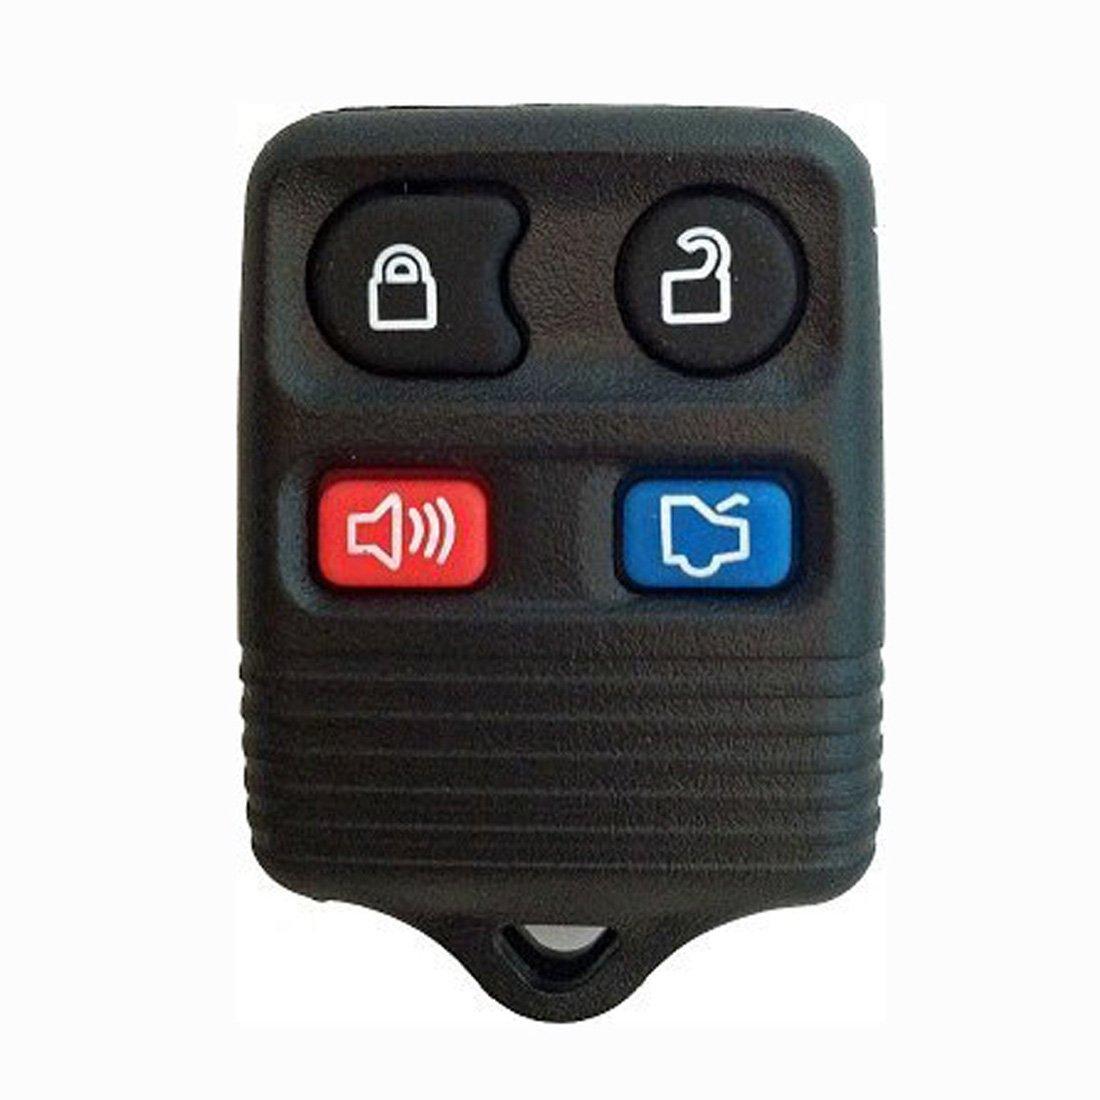 Impala 2006 chevy impala key fob : Keyless Entry   Amazon.com